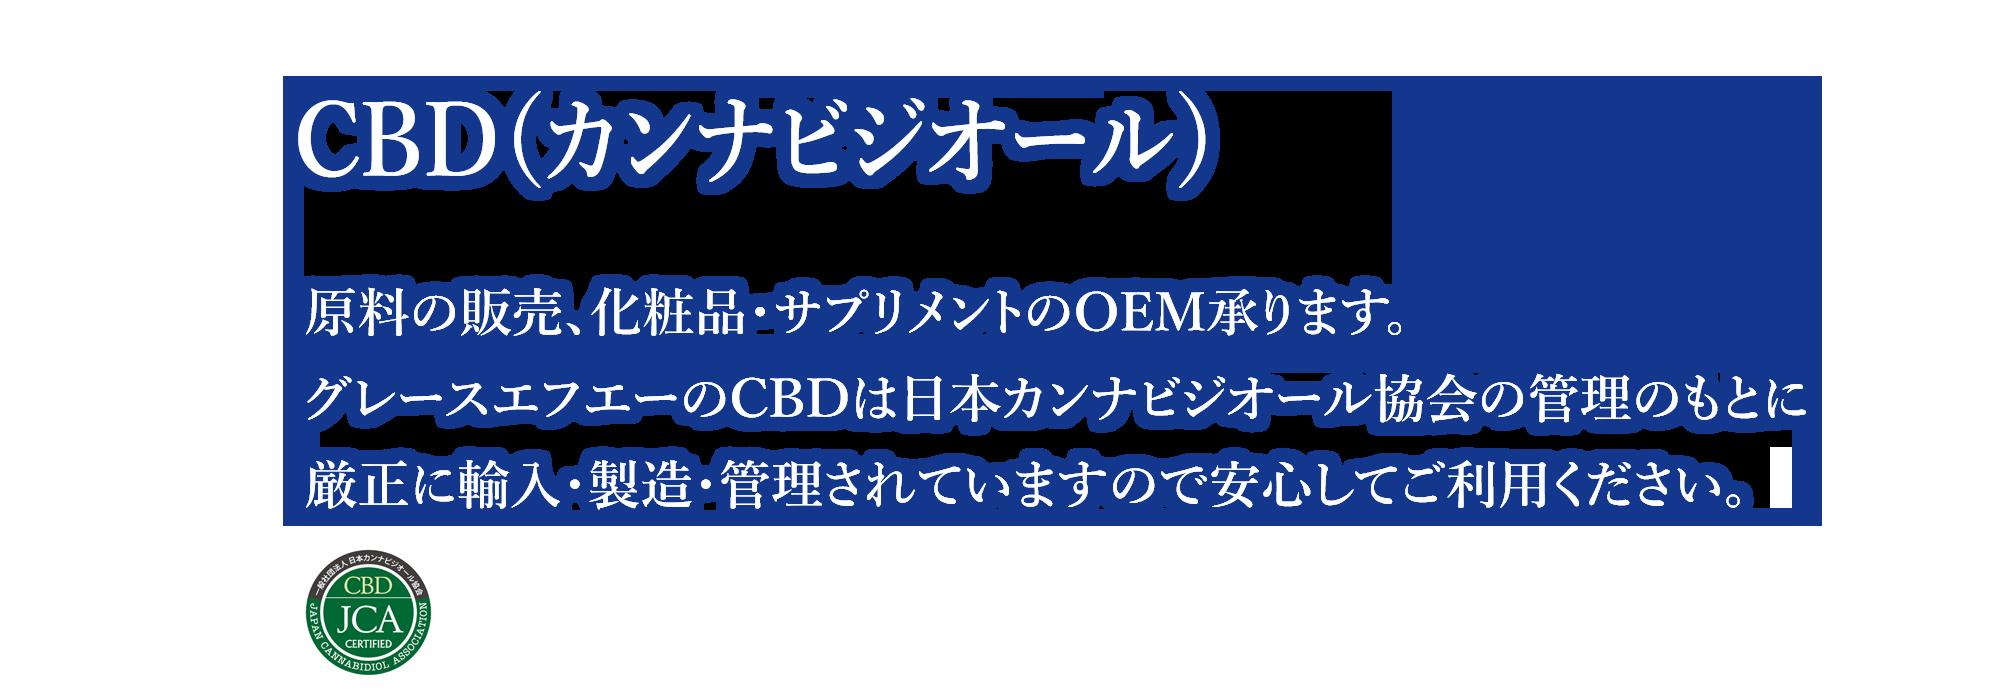 原料の販売、化粧品・サプリメントのOEM承ります。グレースエフエーのCBDは日本カンナビジオール協会の管理のもとに厳正に輸入・製造・管理されていますので安心してご利用ください。